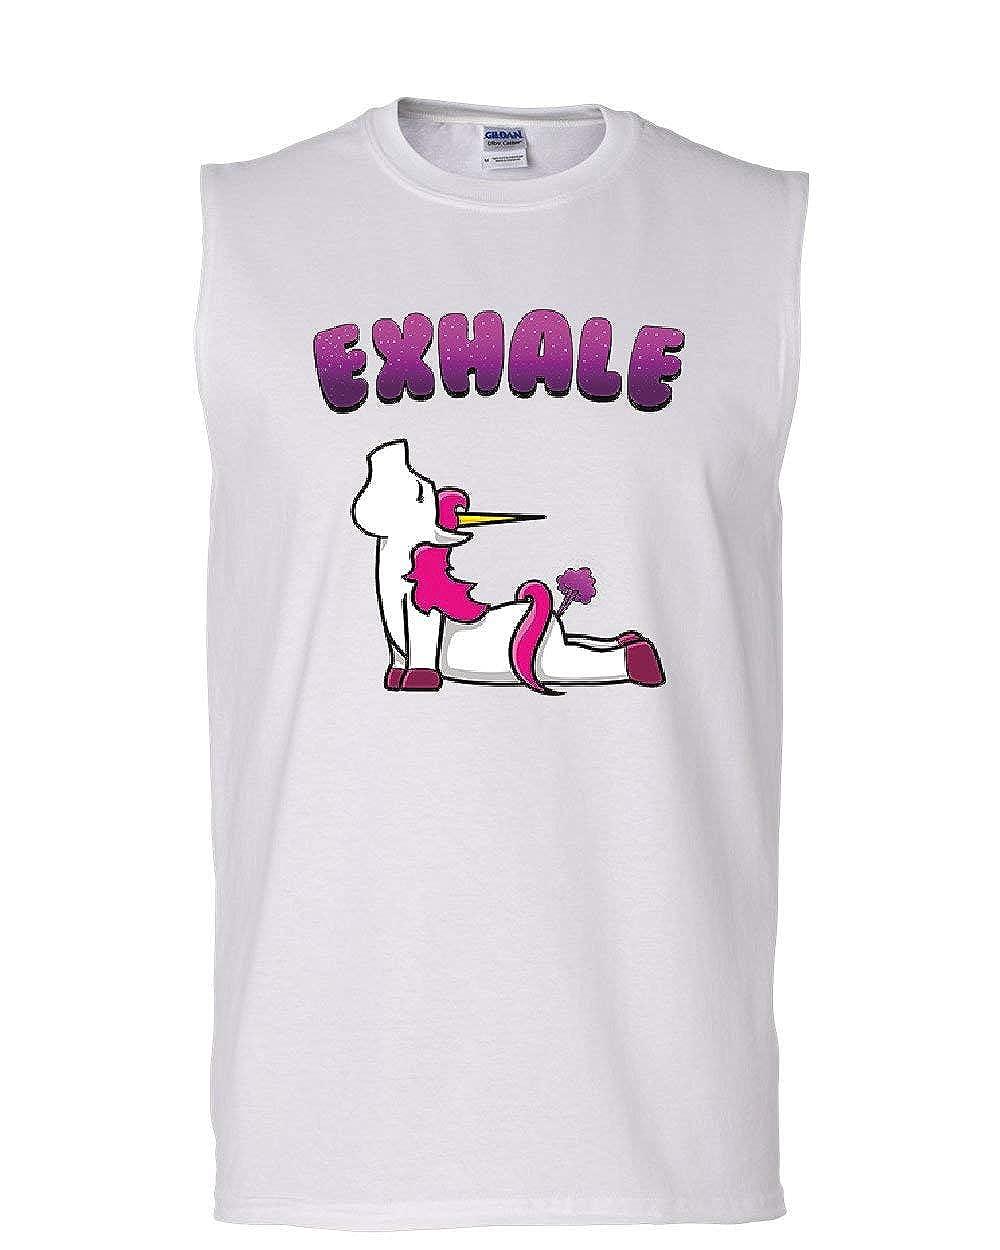 Exhale Unicorn Fart Muscle Shirt Funny Rainbow Hilarious Pilates Yoga Sleeveless